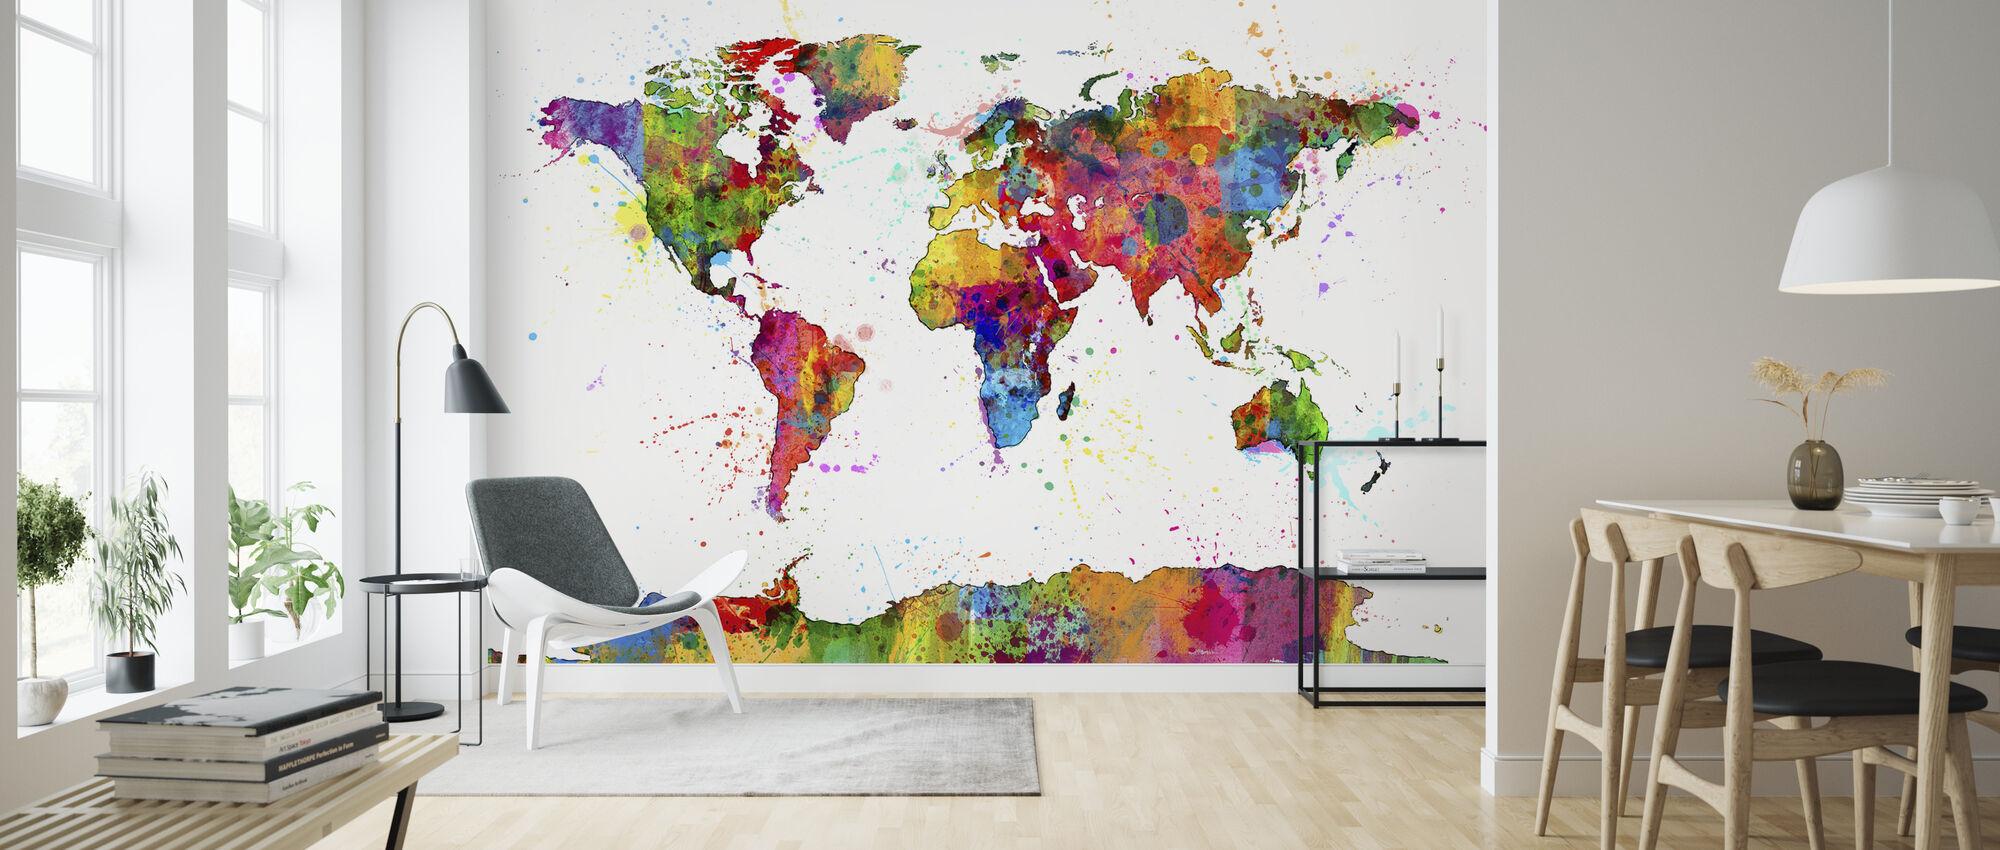 Spatten Map 2 schilderen - Behang - Woonkamer